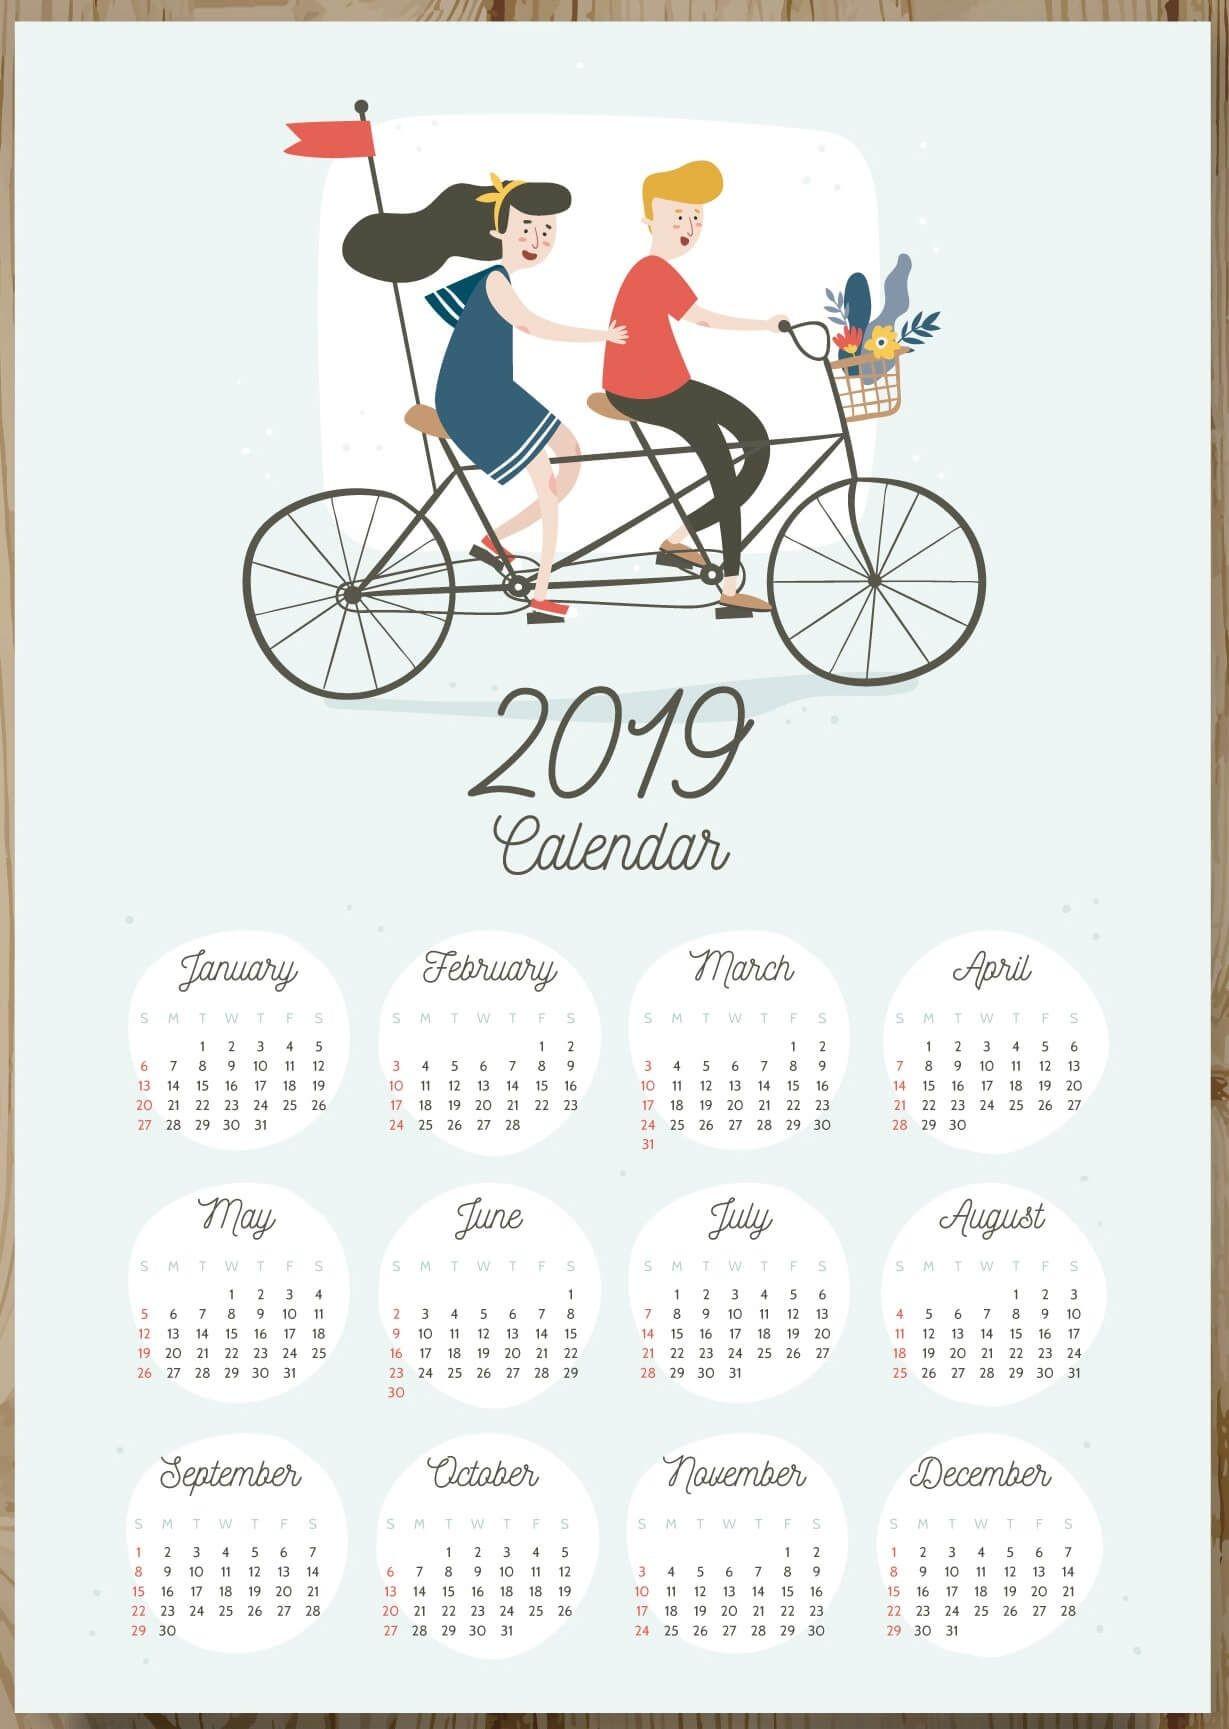 12 Months 2019 e Page Calendar 2019Calendars